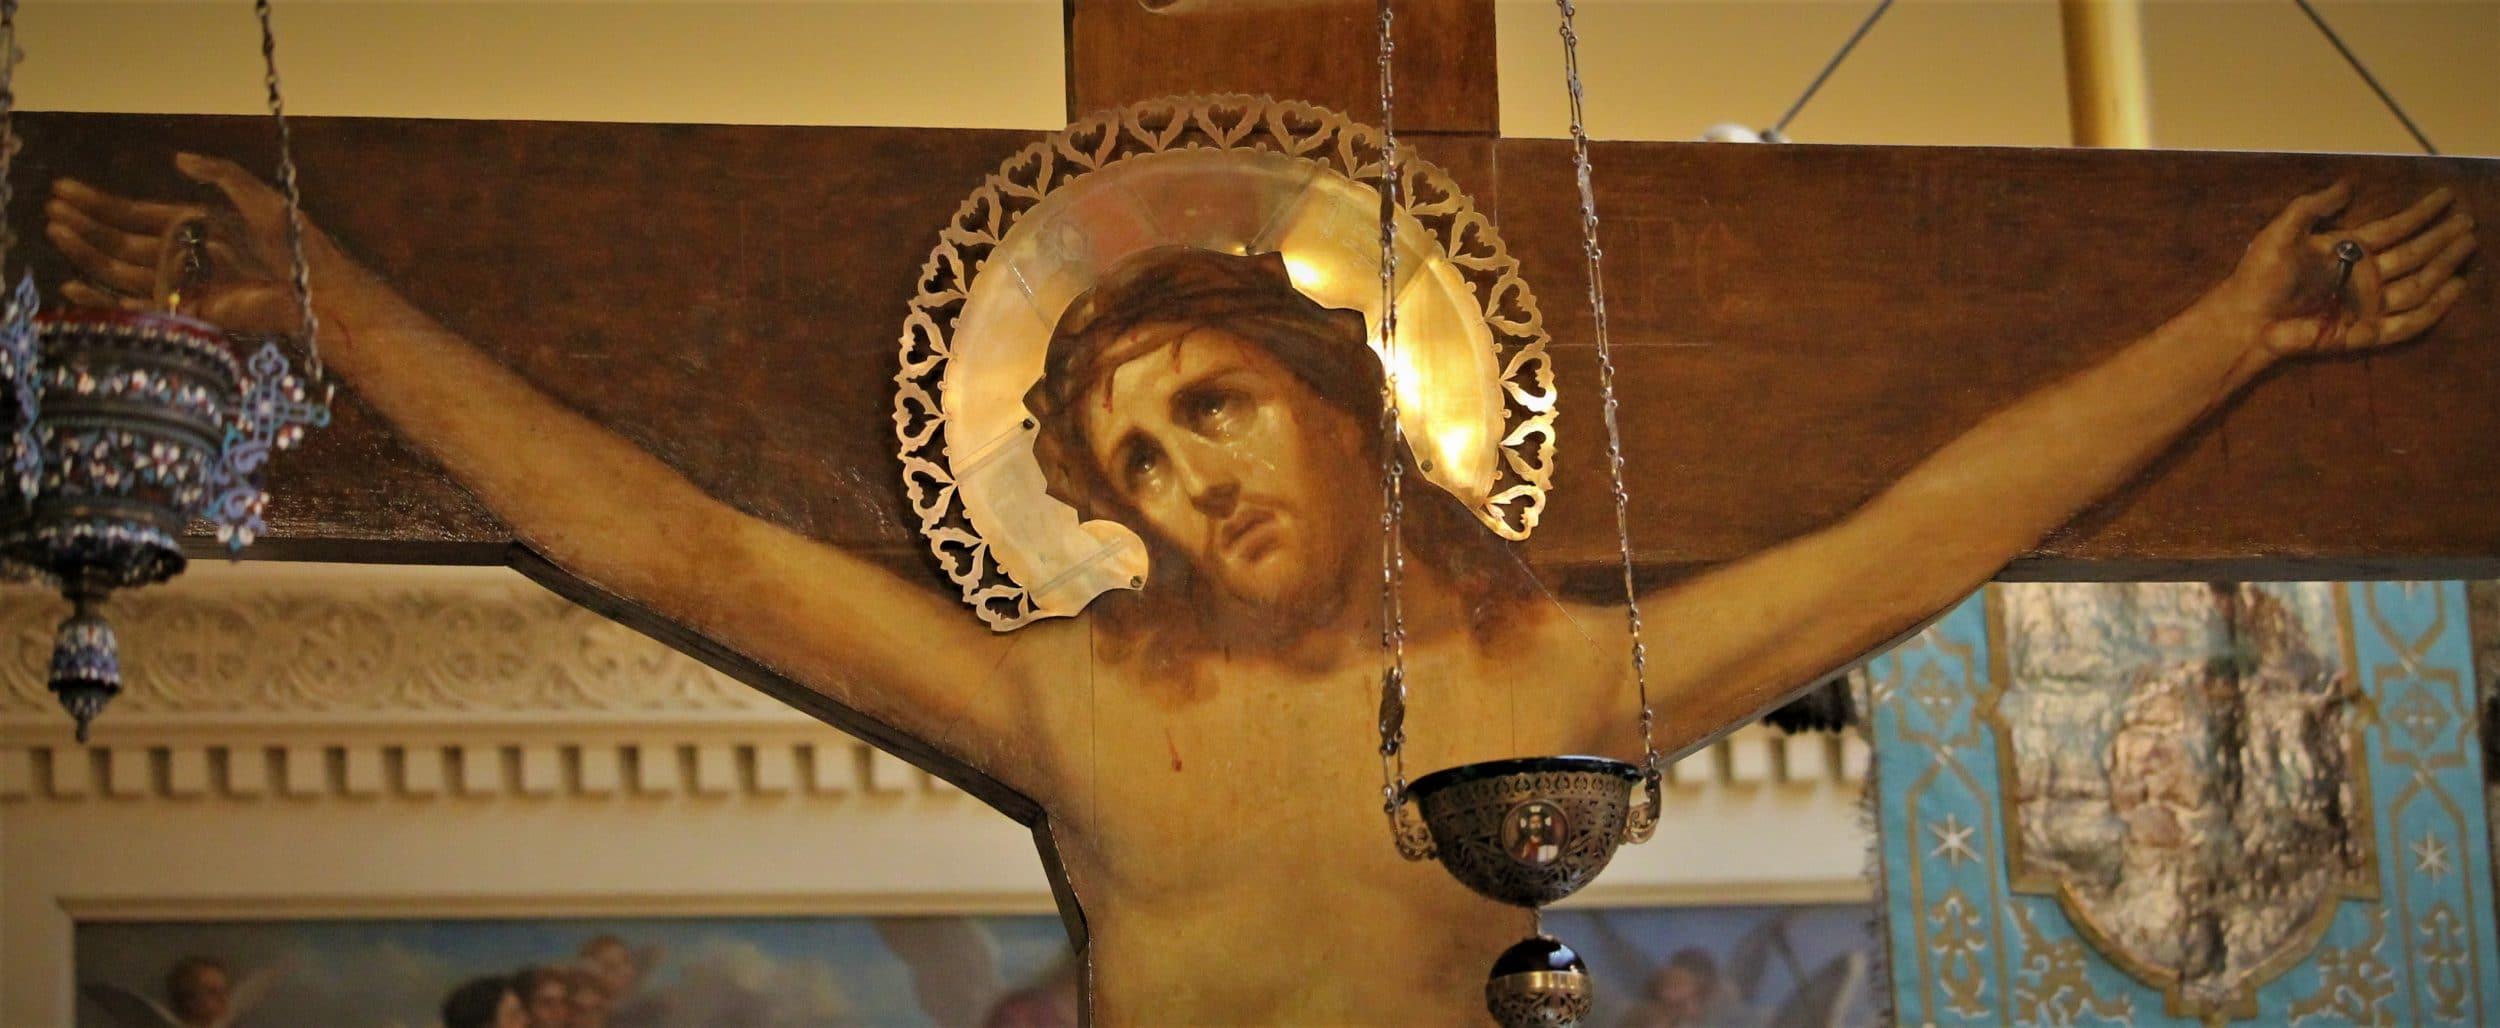 Kristi Förklarings ortodoxa kyrka i rysk tradition